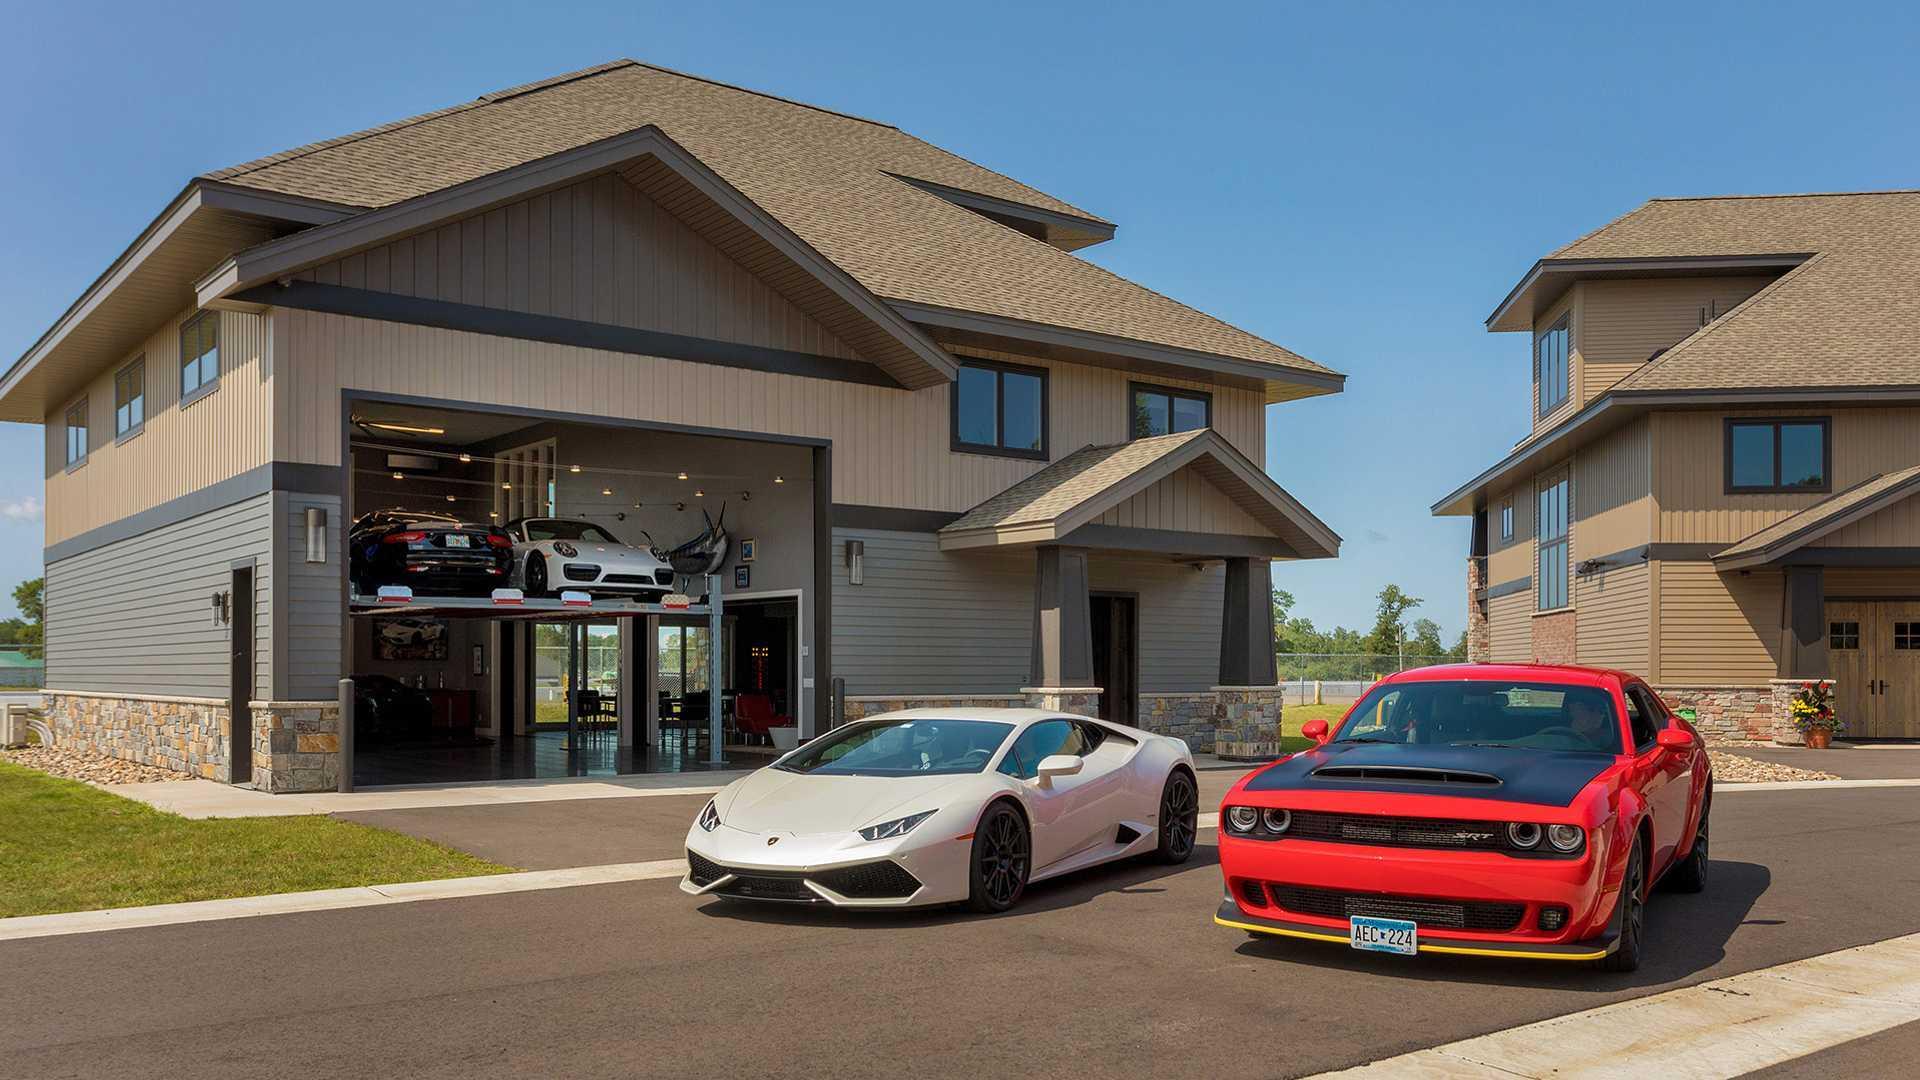 Voici la maison-garage dont tout fan d'automobile rêve !